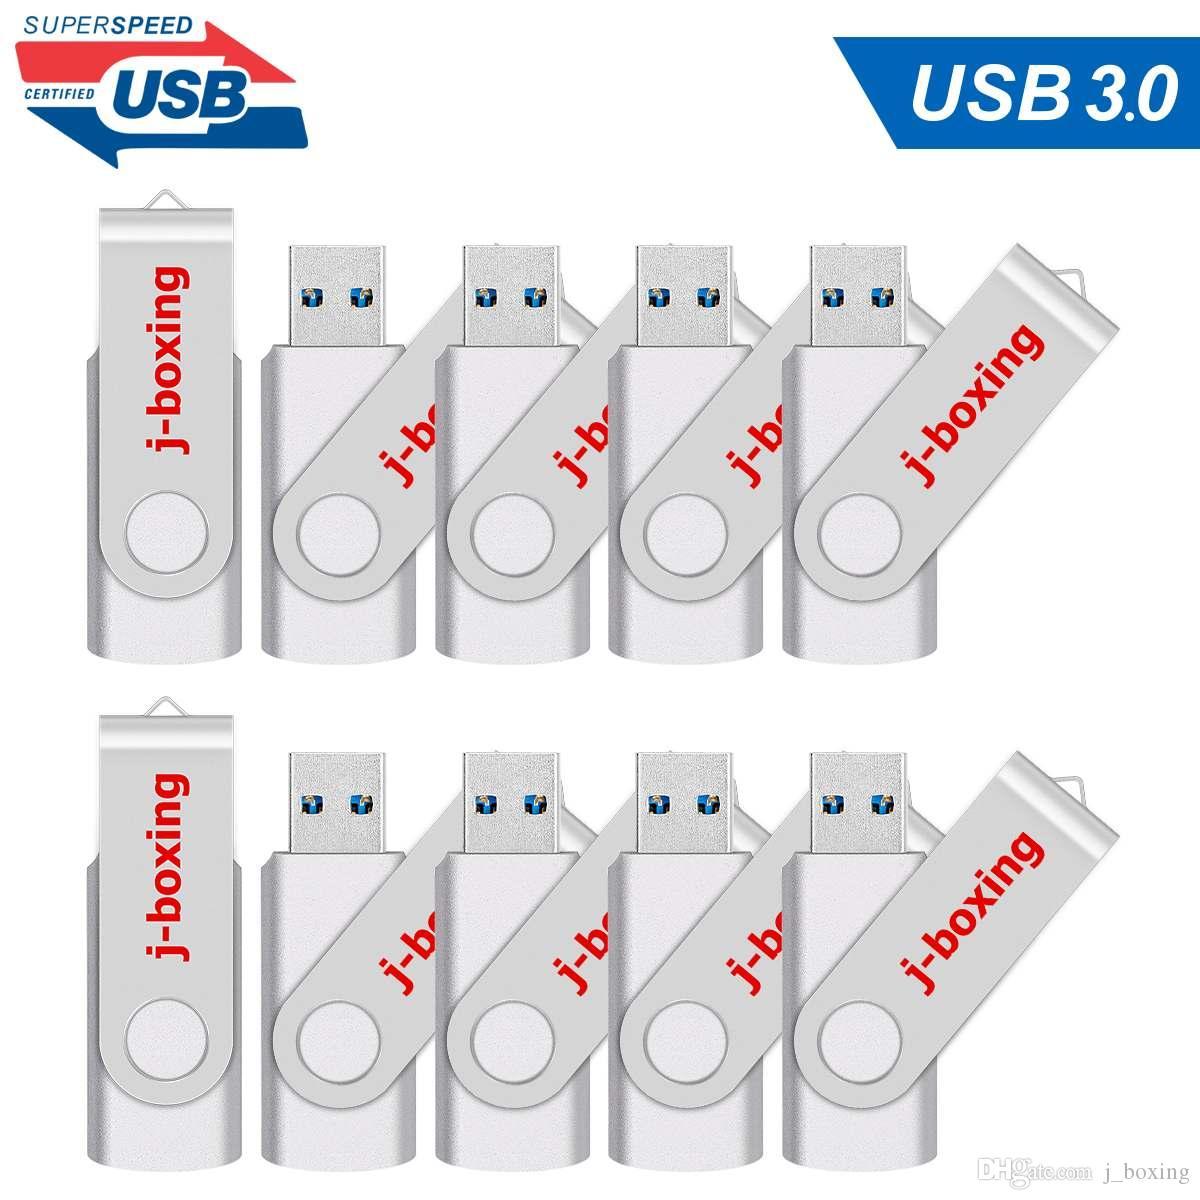 10 Paketi Gümüş 32GB USB 3.0 Flash Sürücüler Bilgisayar Macbook Tablet Dizüstü yeter Kalem Sürücü 32GB Thumb Depolama Flaş Bellek Çubuğu U Disk